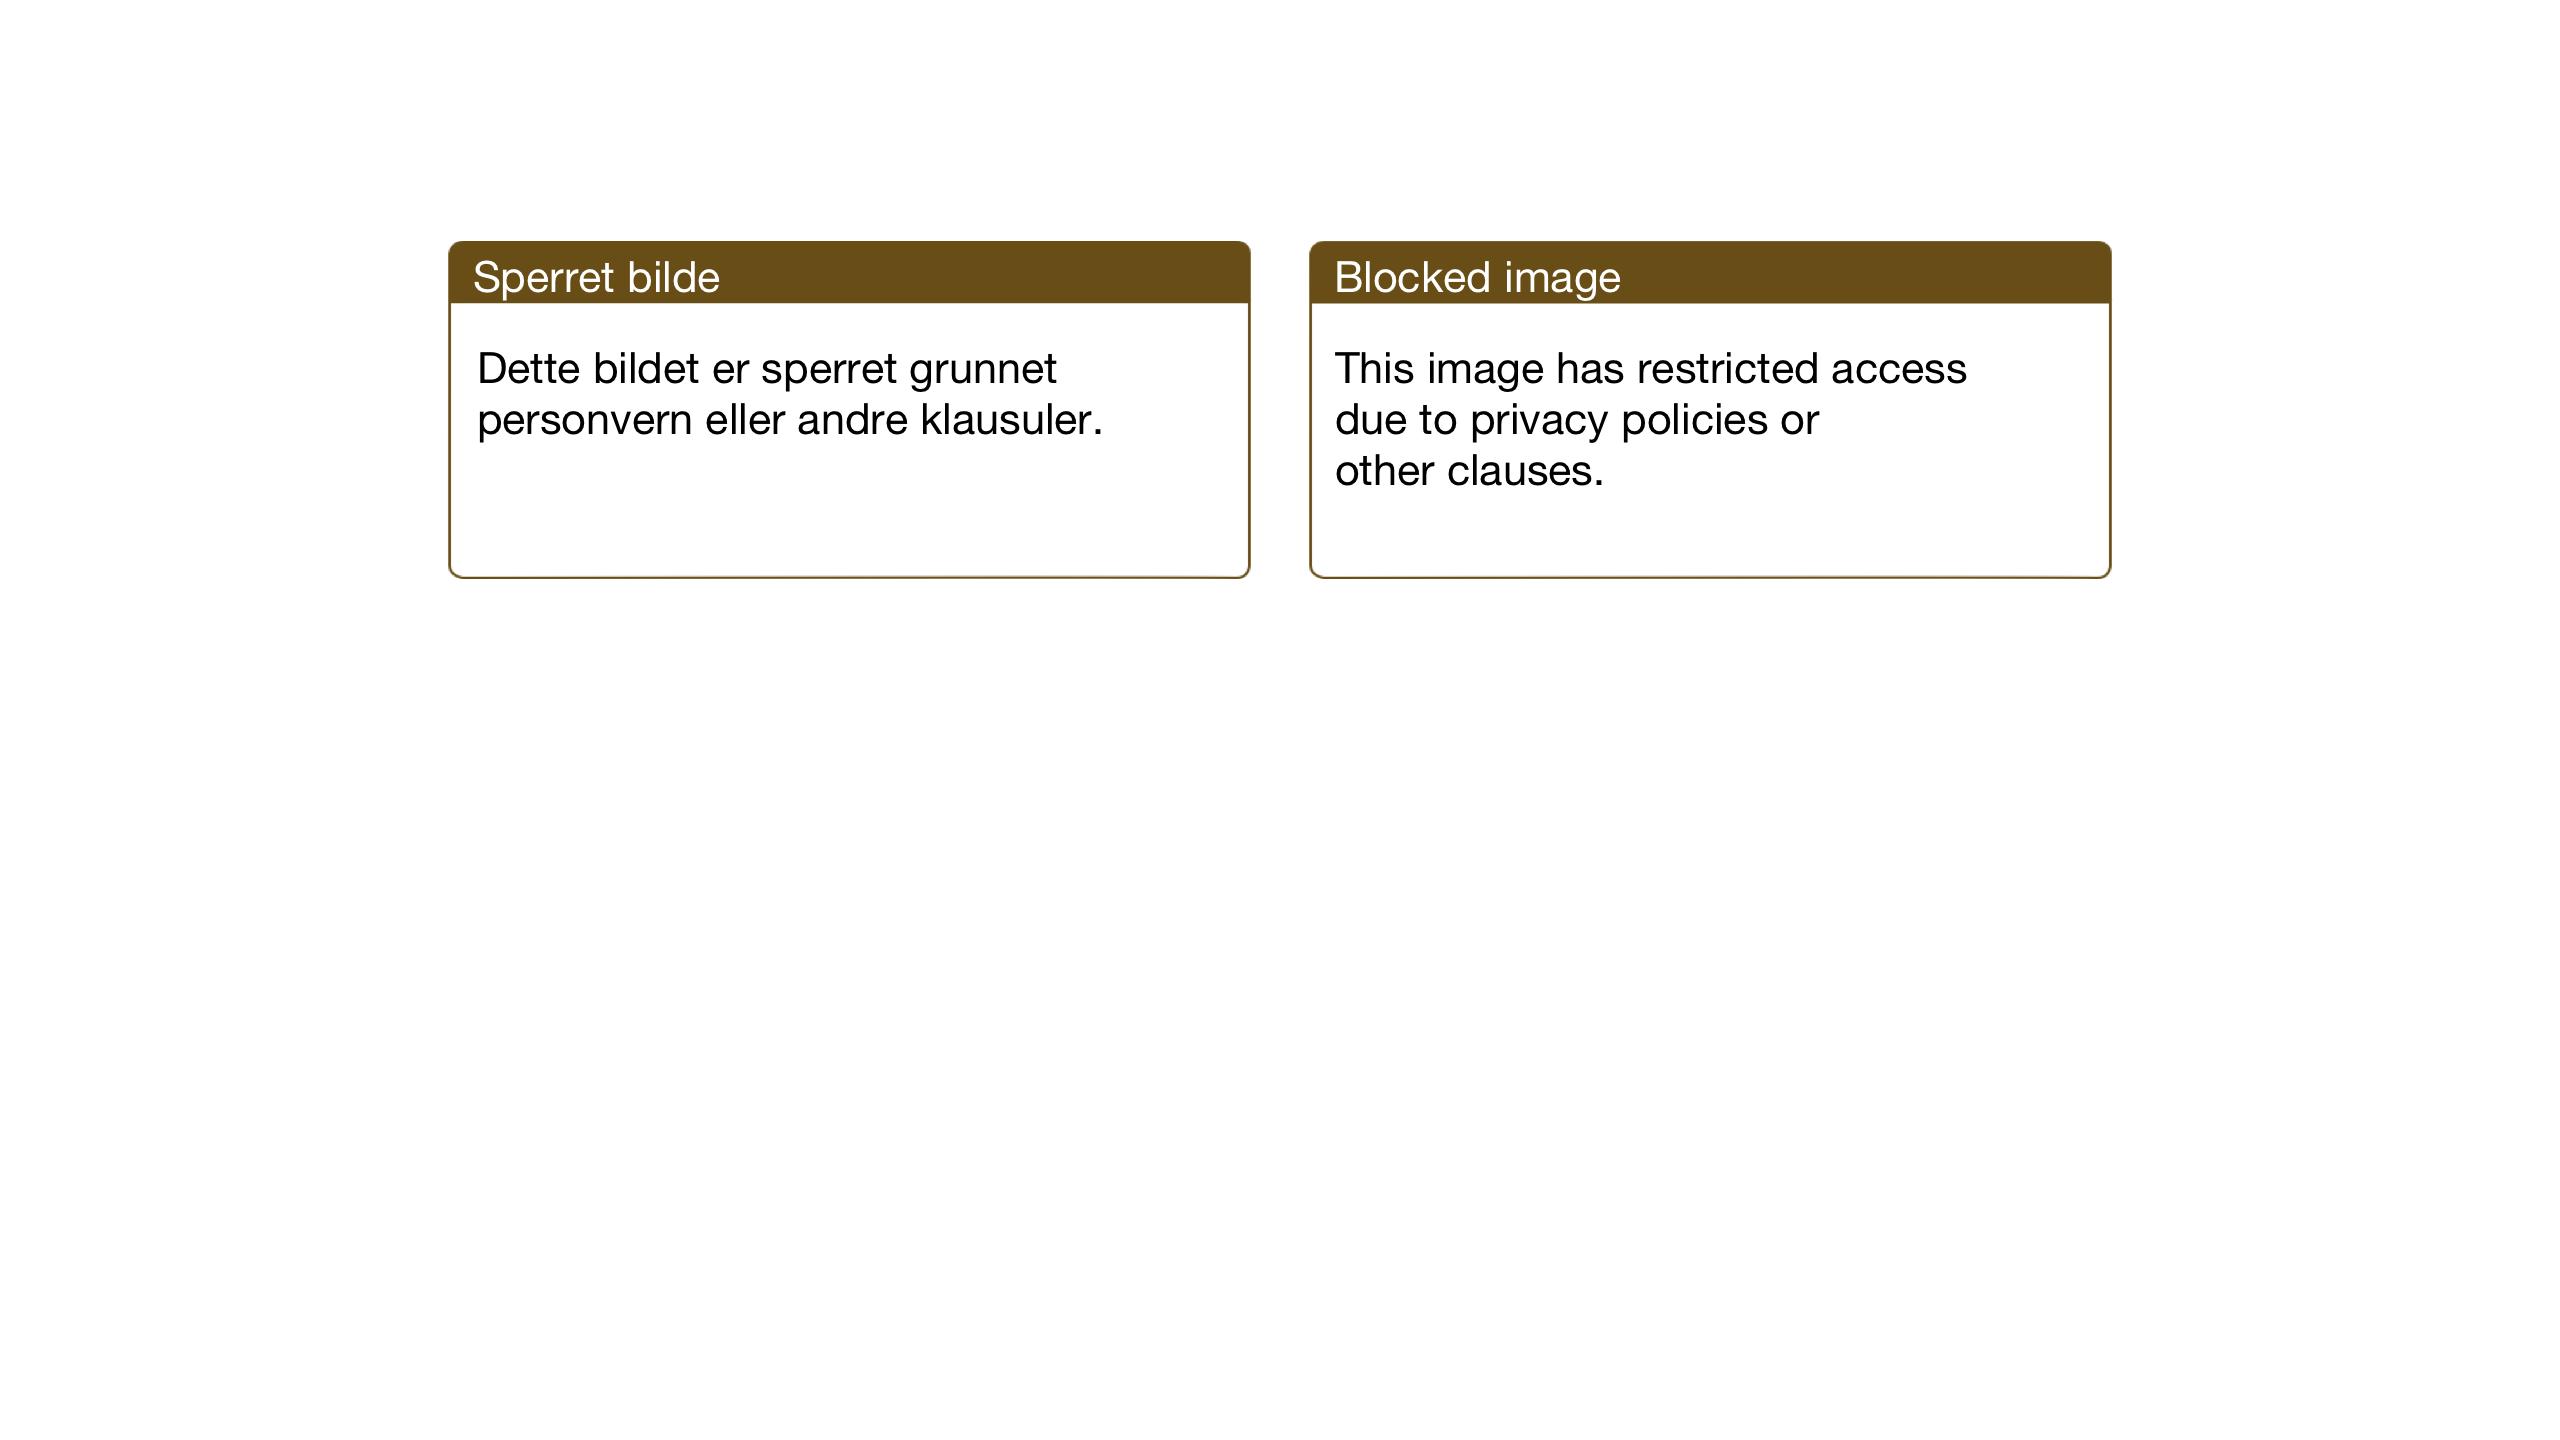 SAT, Ministerialprotokoller, klokkerbøker og fødselsregistre - Sør-Trøndelag, 690/L1053: Klokkerbok nr. 690C03, 1930-1947, s. 29